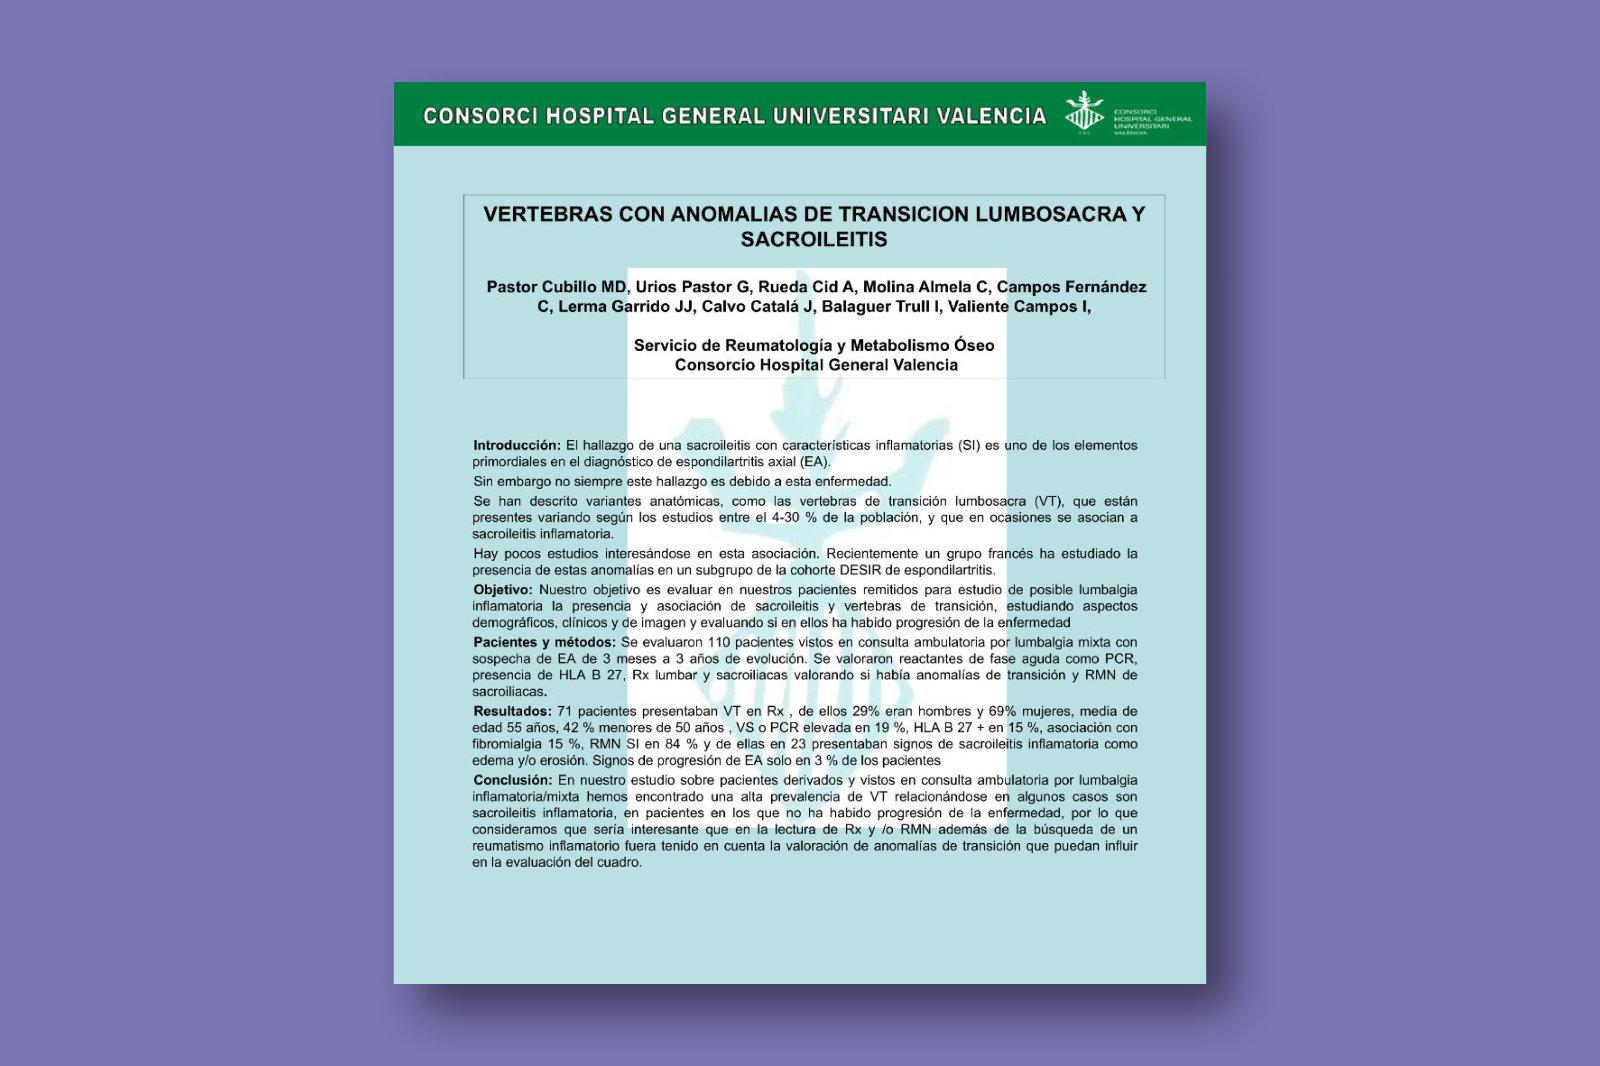 Vértebras con anomalías de transición lumbosacra y sacroileitis